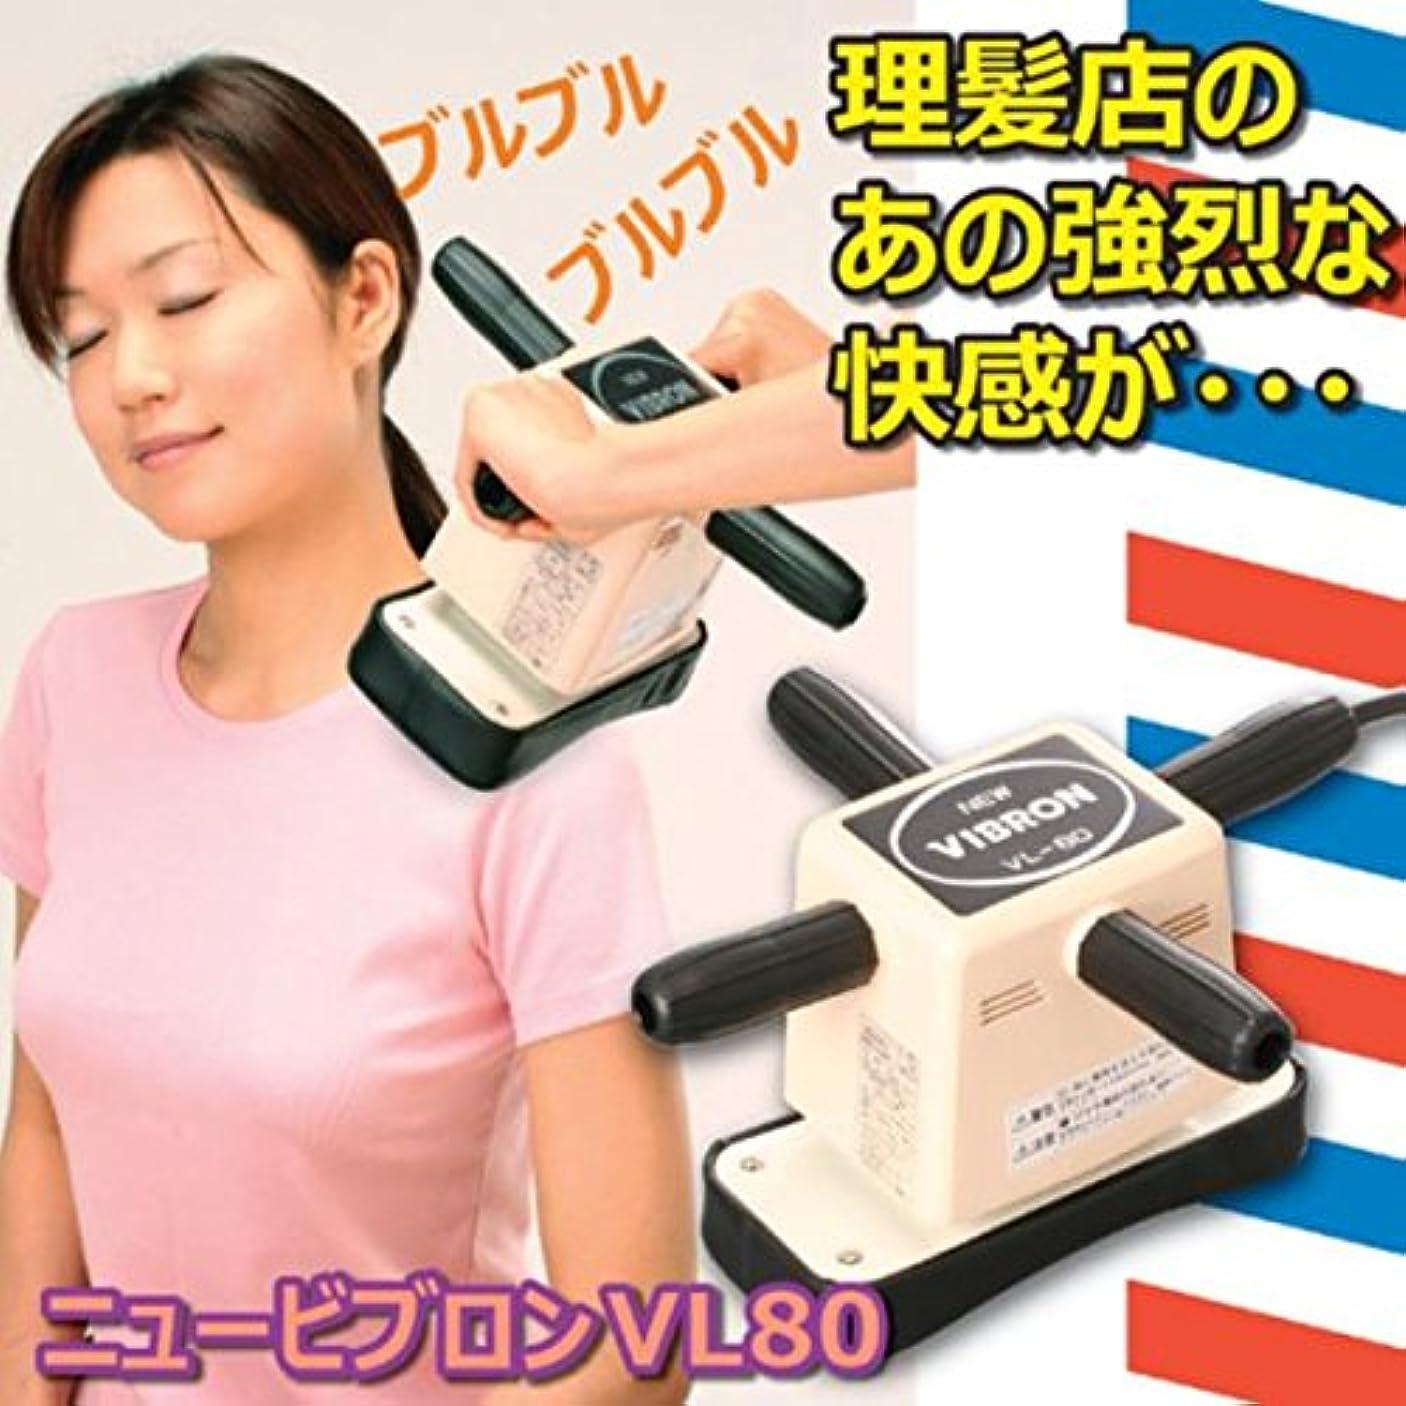 コーンウォール聖歌発送後藤:家庭用電気マッサージ器ニュービブロン 870070